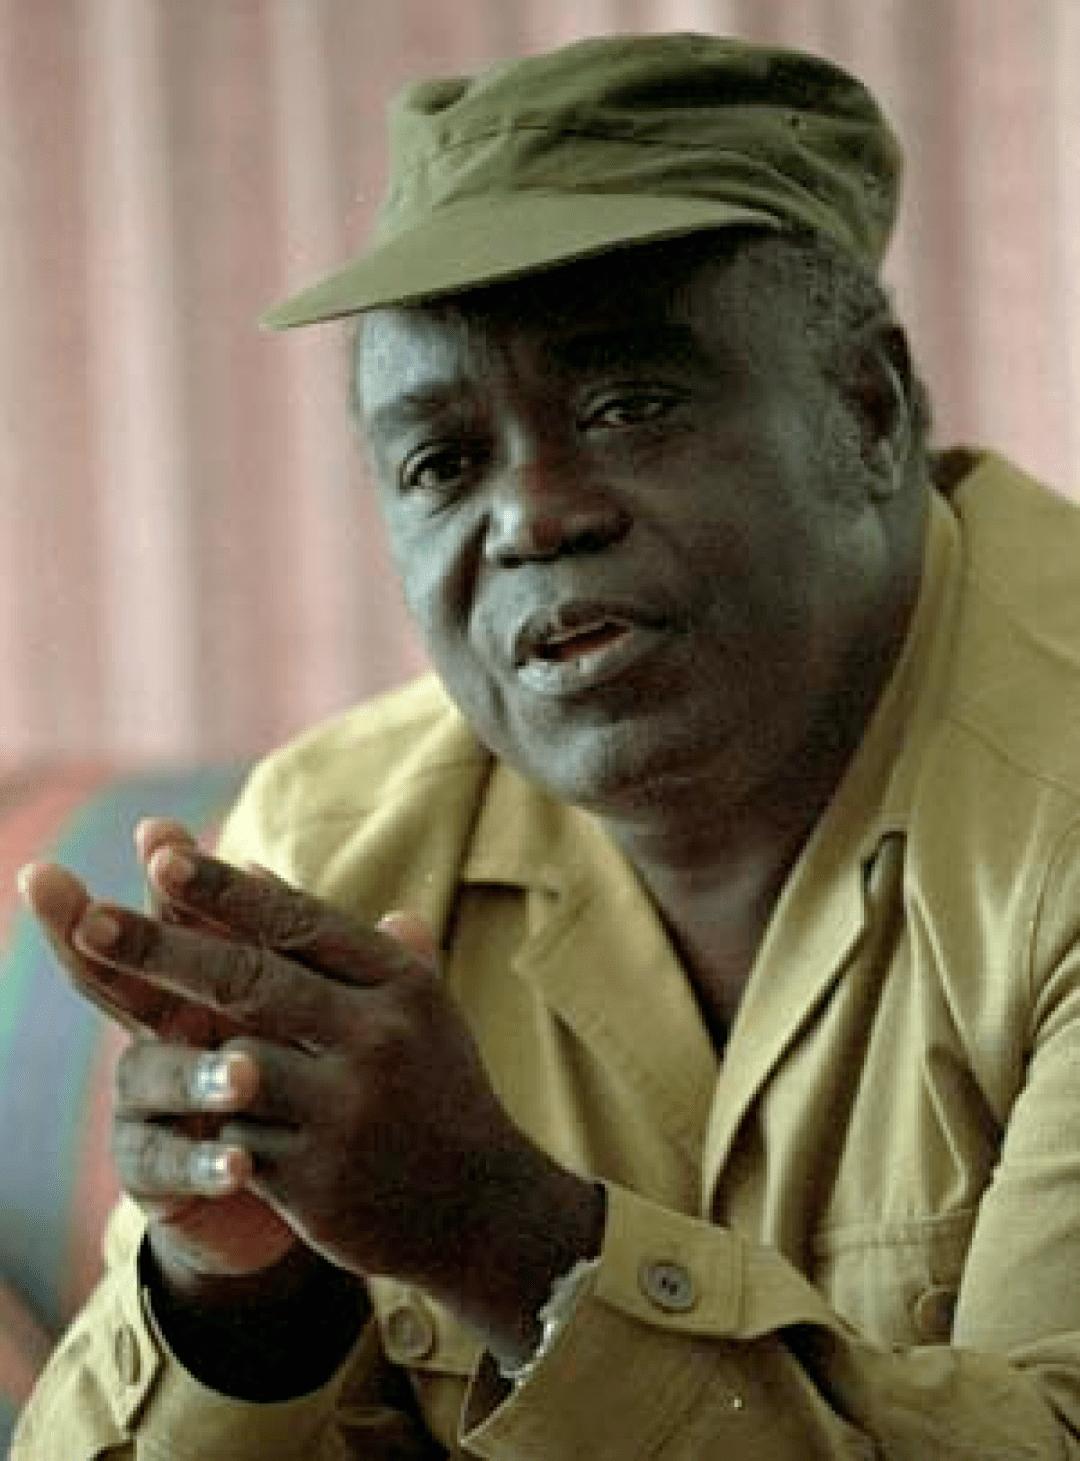 卡比拉,刚果前总统,酷爱以绿军帽和中山装形象示人,曾自诩为毛派革命力量